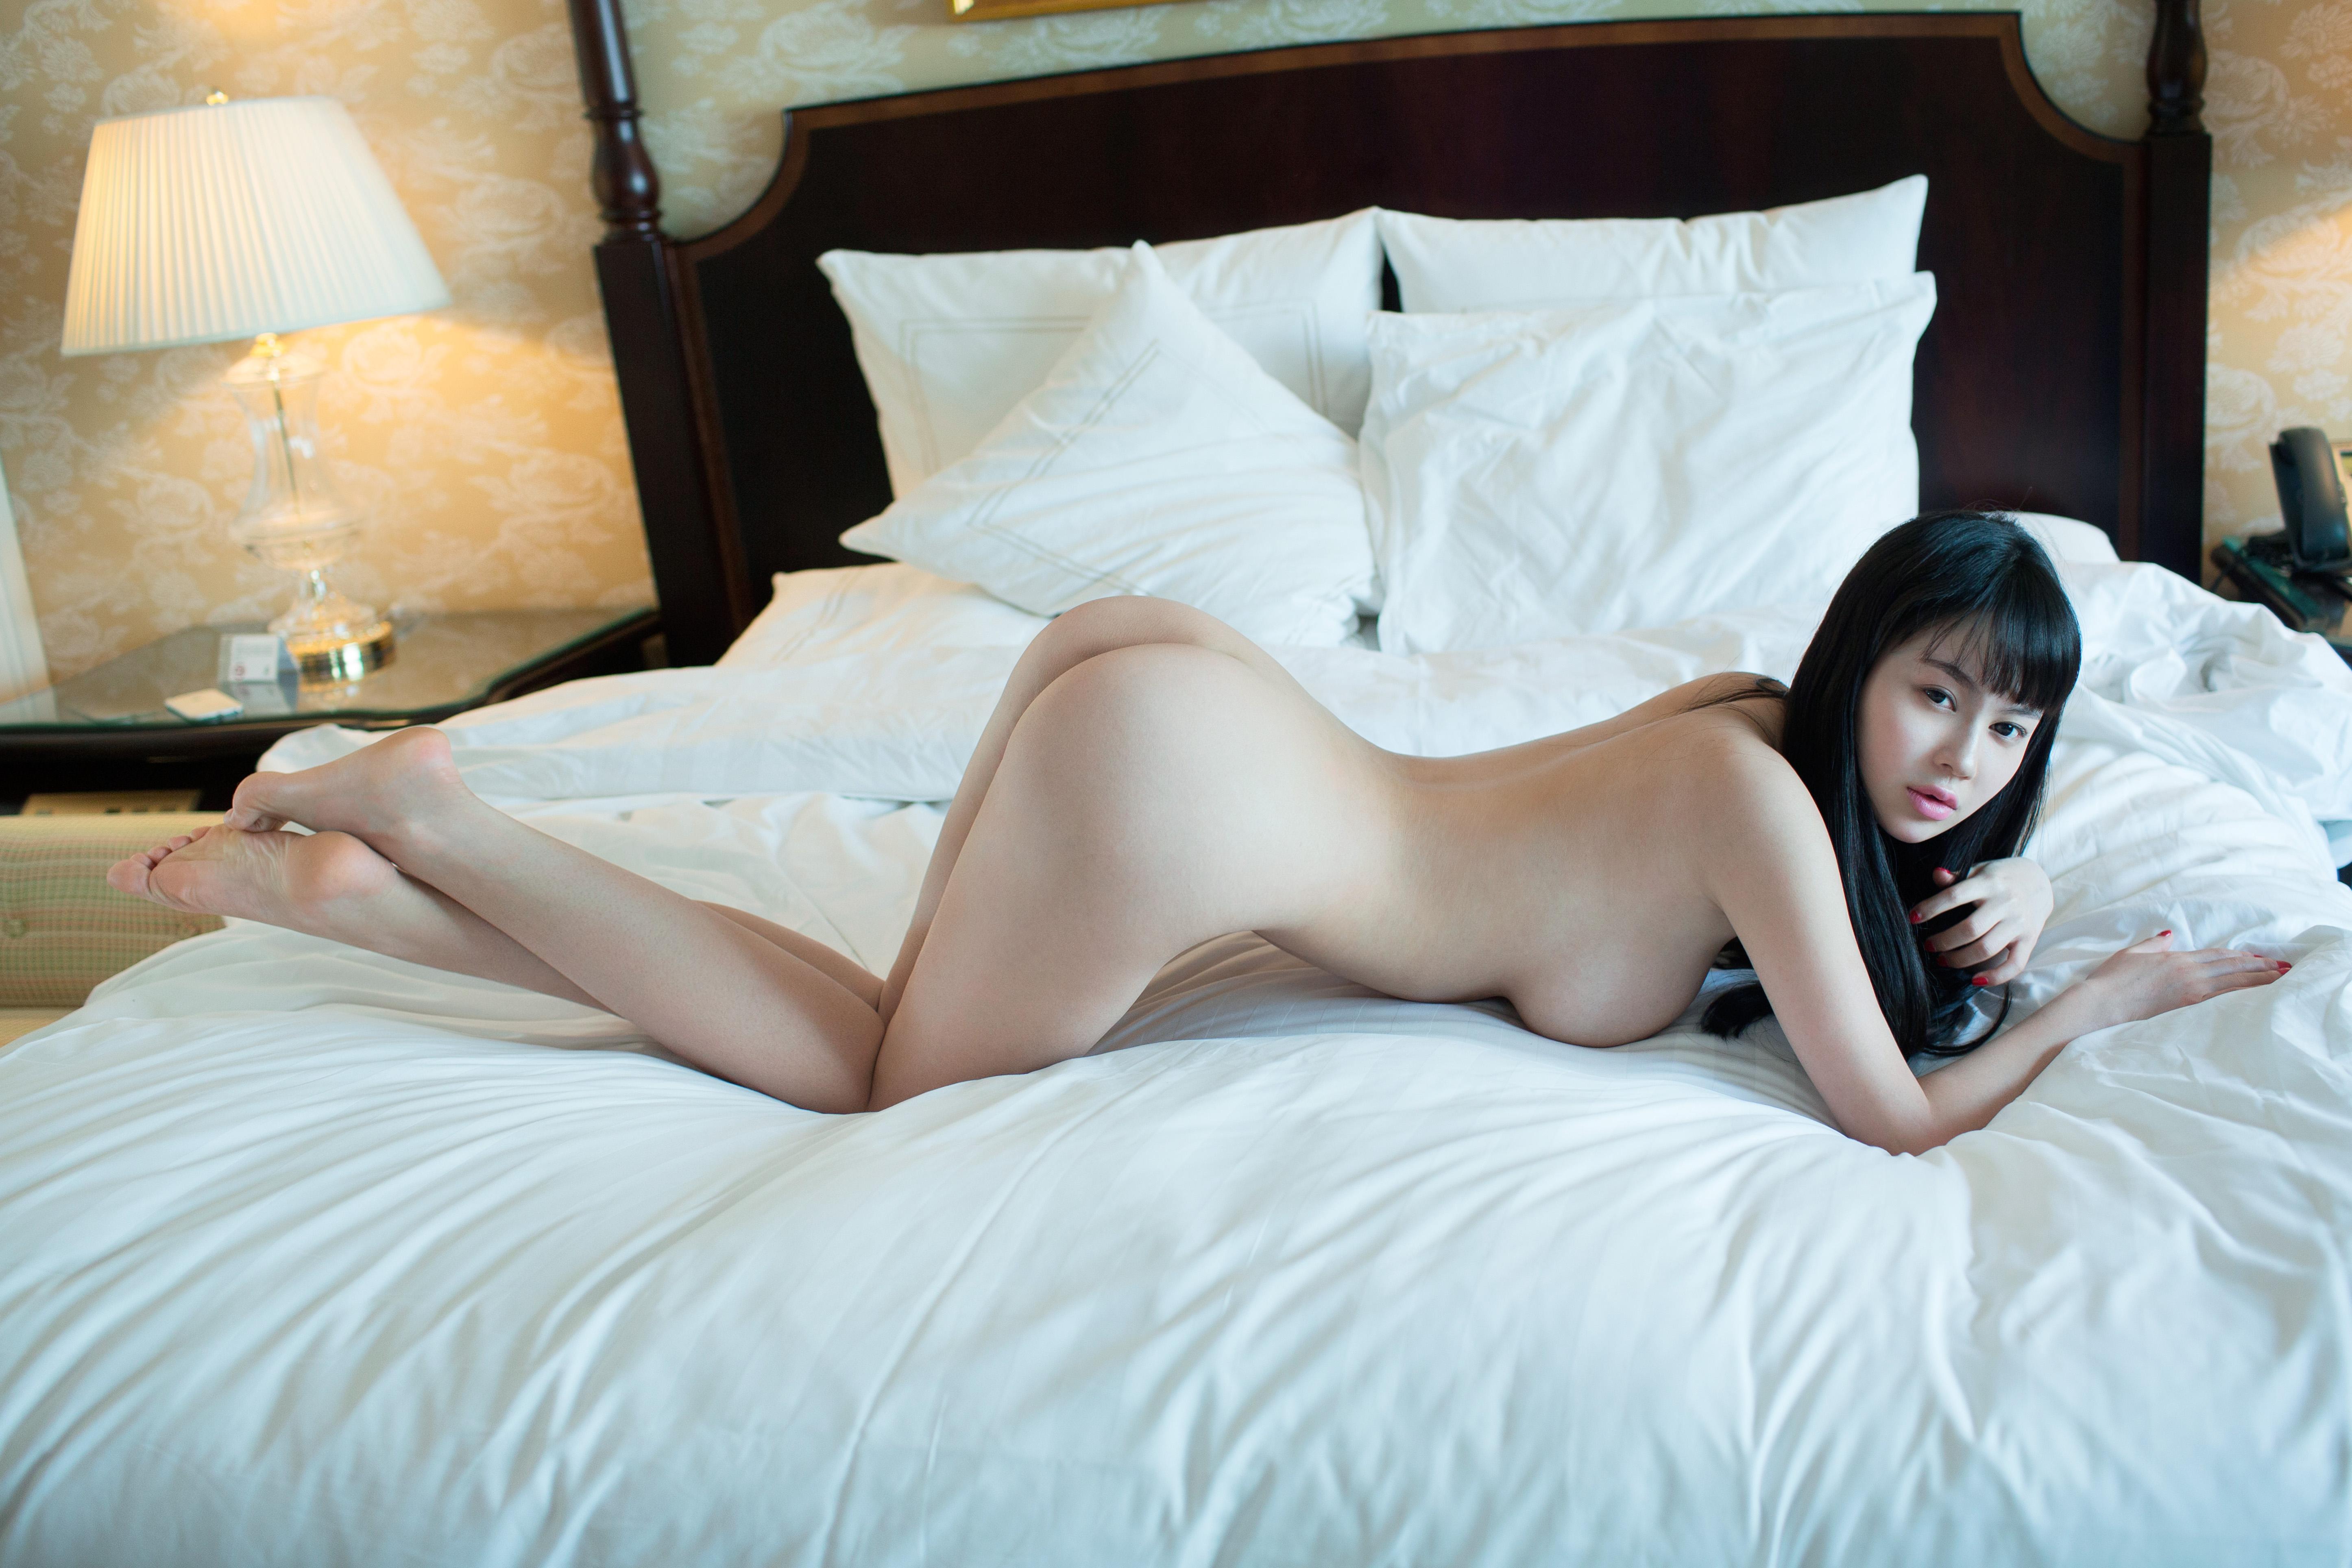 Wallpaper side, boobs, ass, asian, hot, nude, naked, sexy, hu yun er, doggy desktop ...